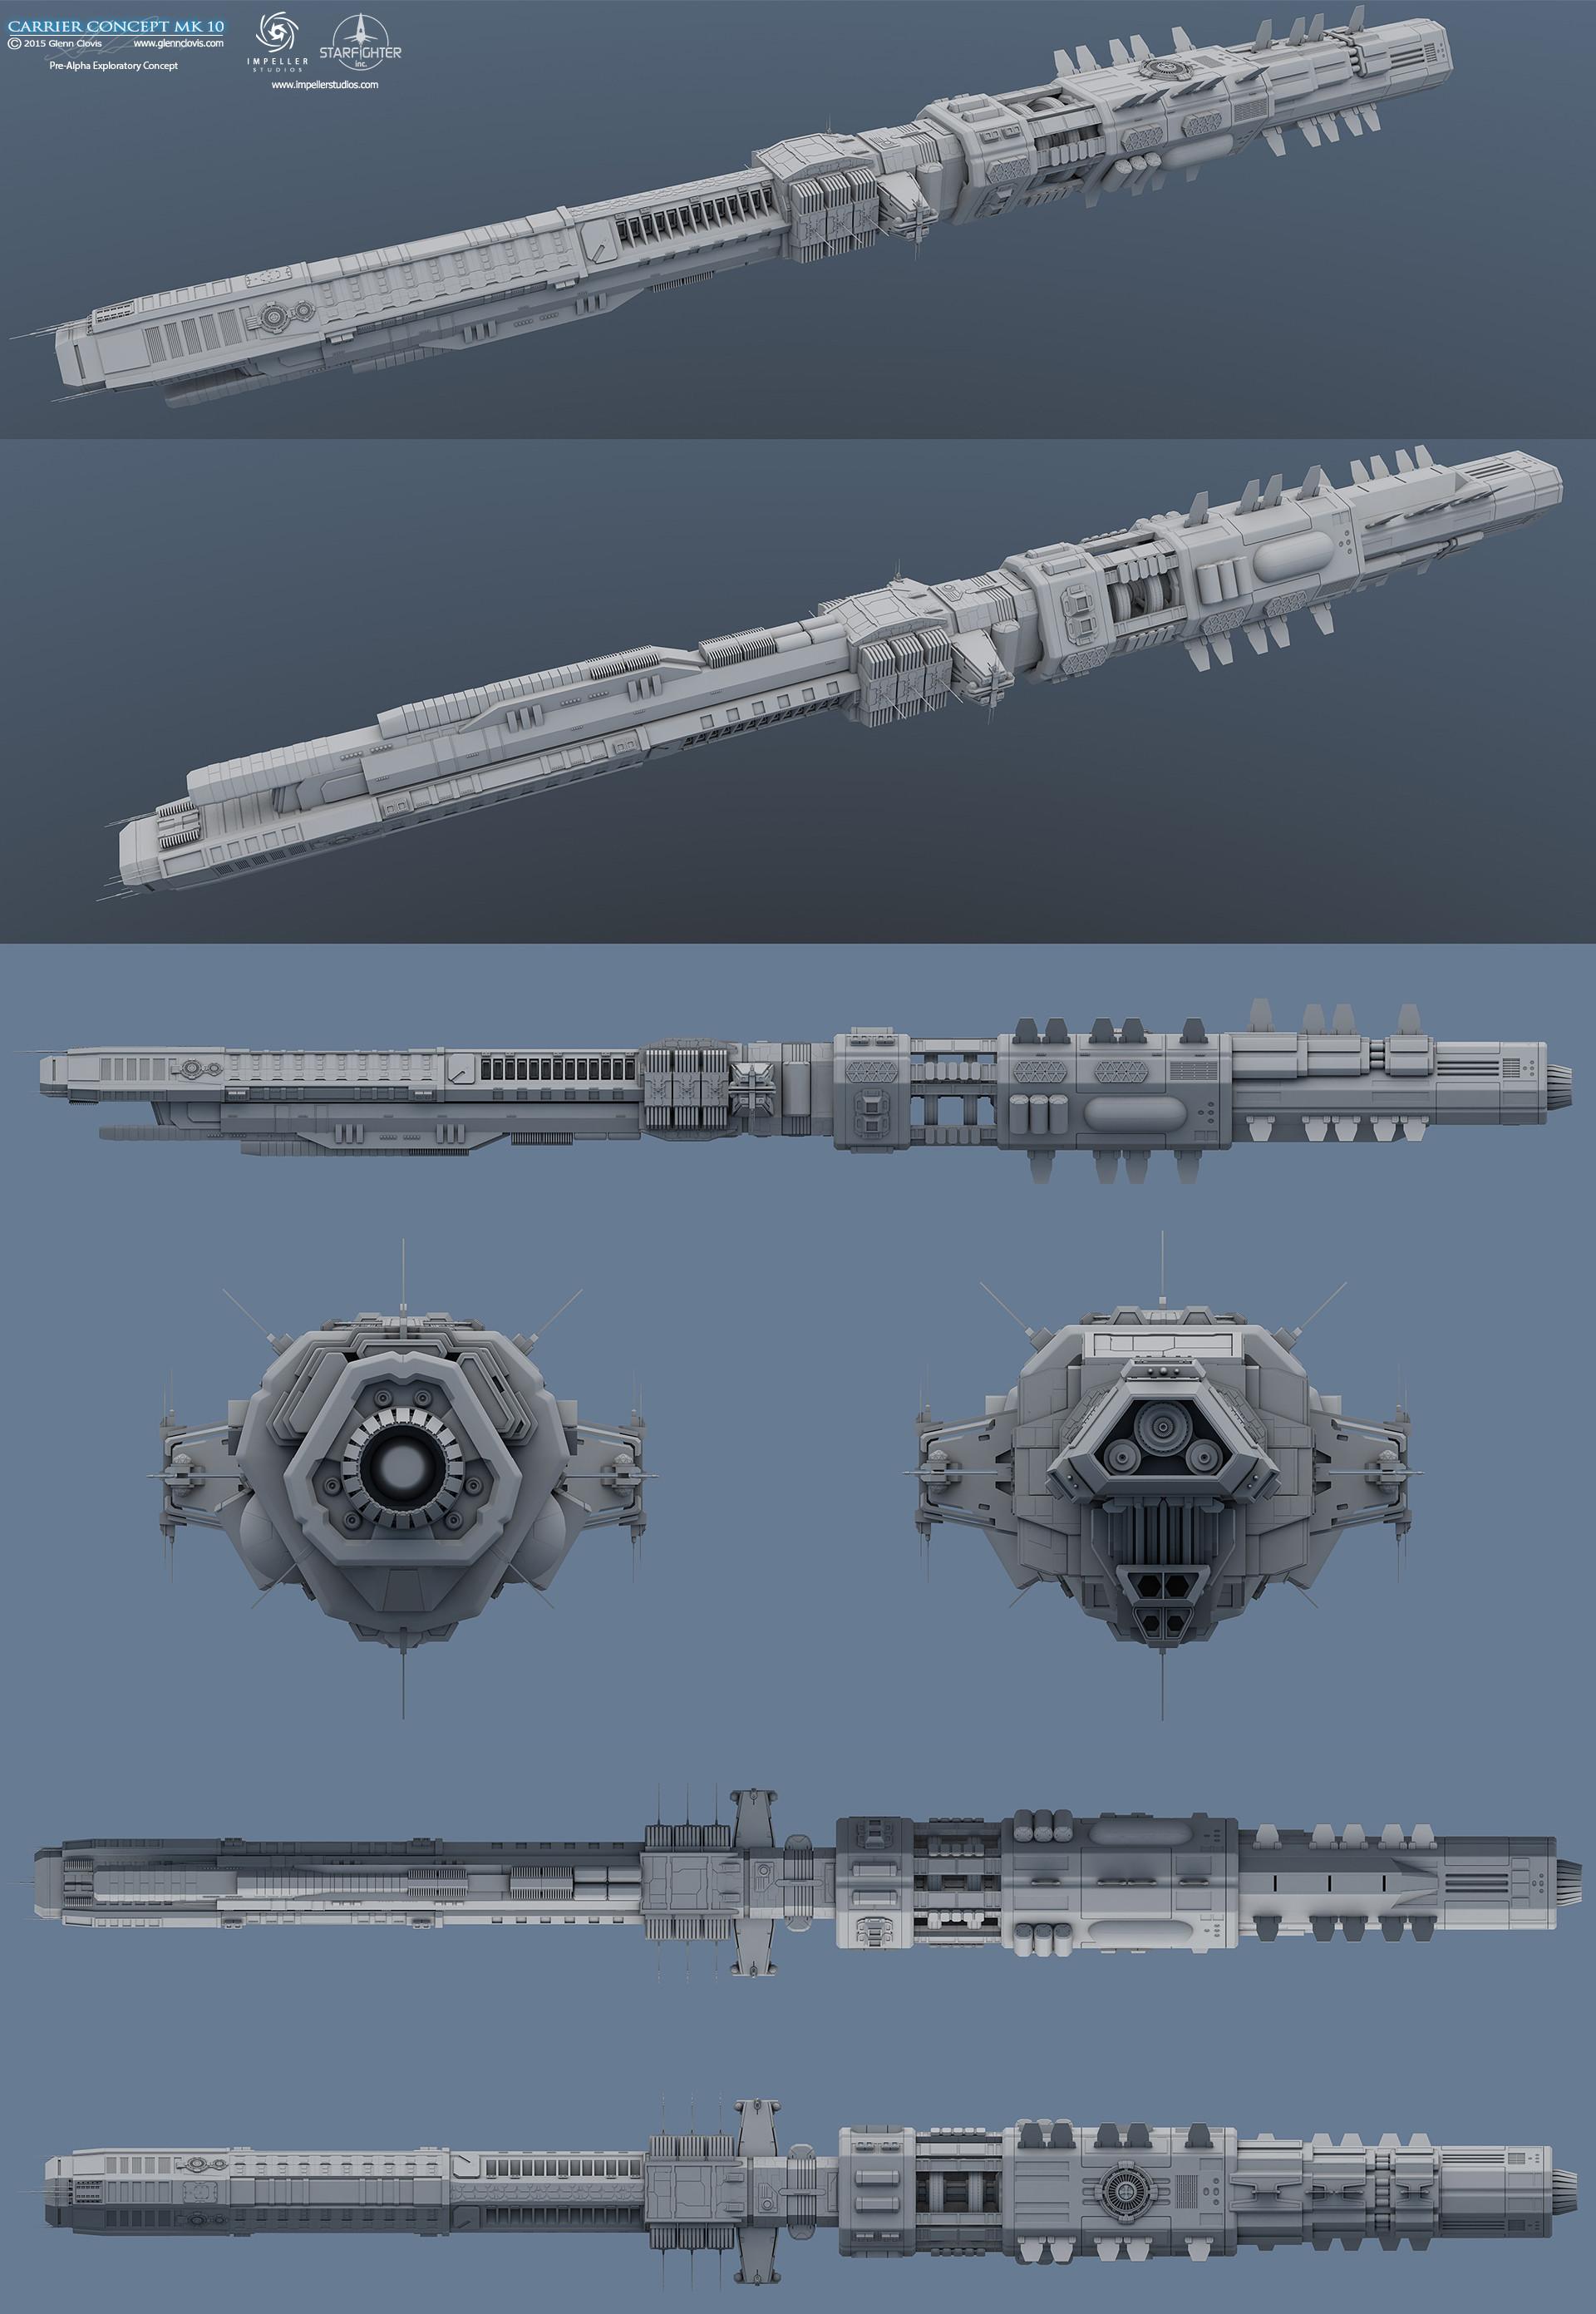 Glenn clovis carrier concept mk10 by glennclovis